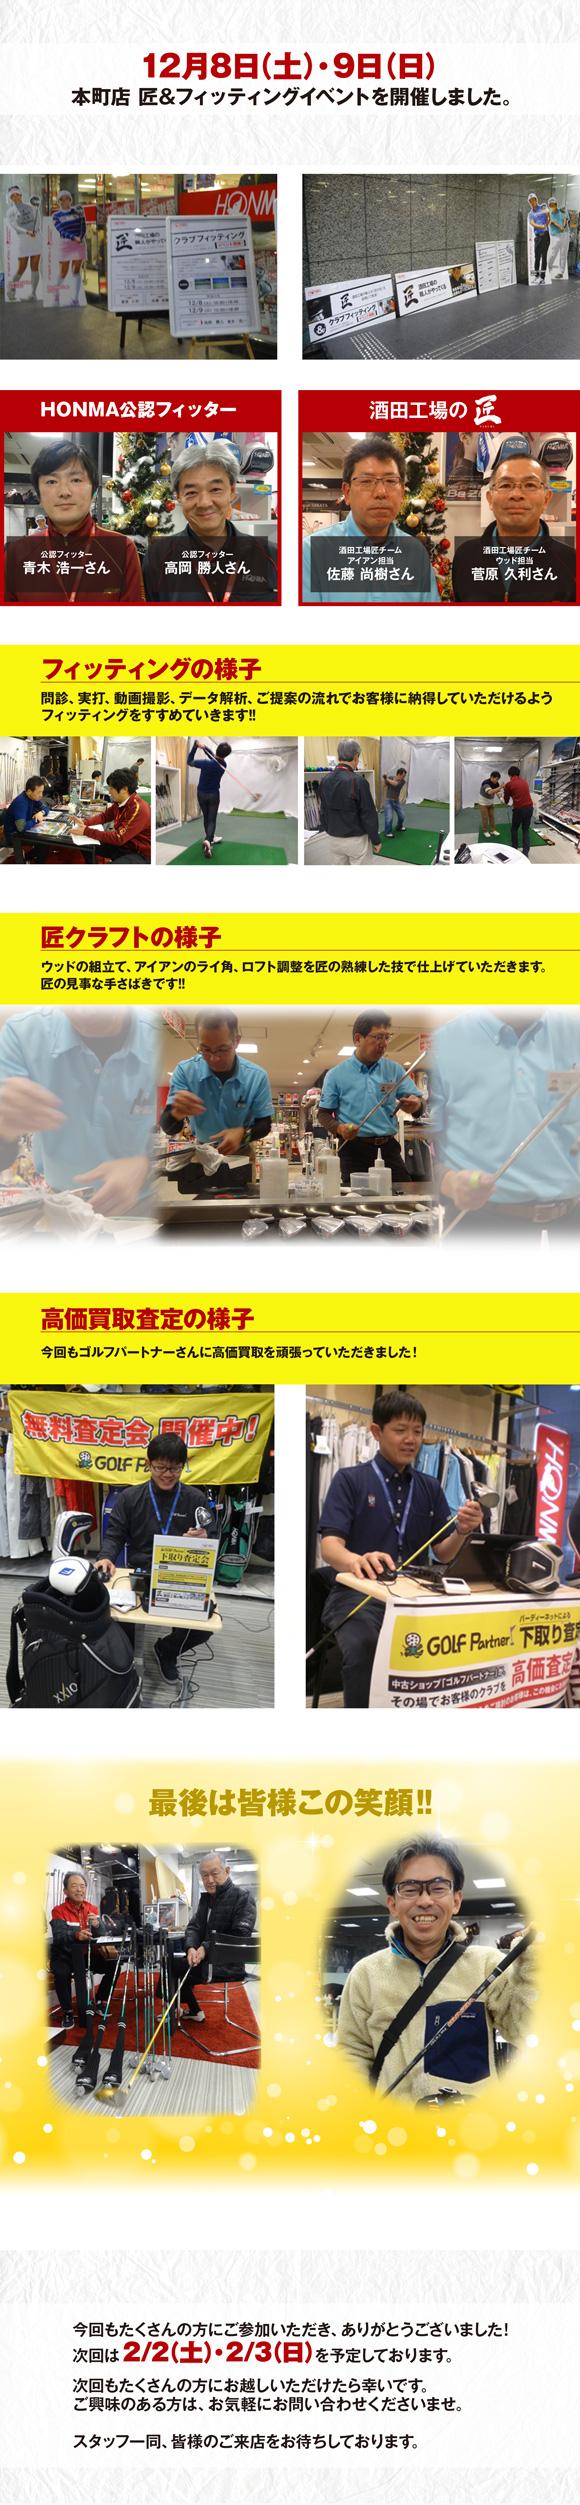 12/8日(土)・9日(日)に開催した匠&フィッティングイベント報告